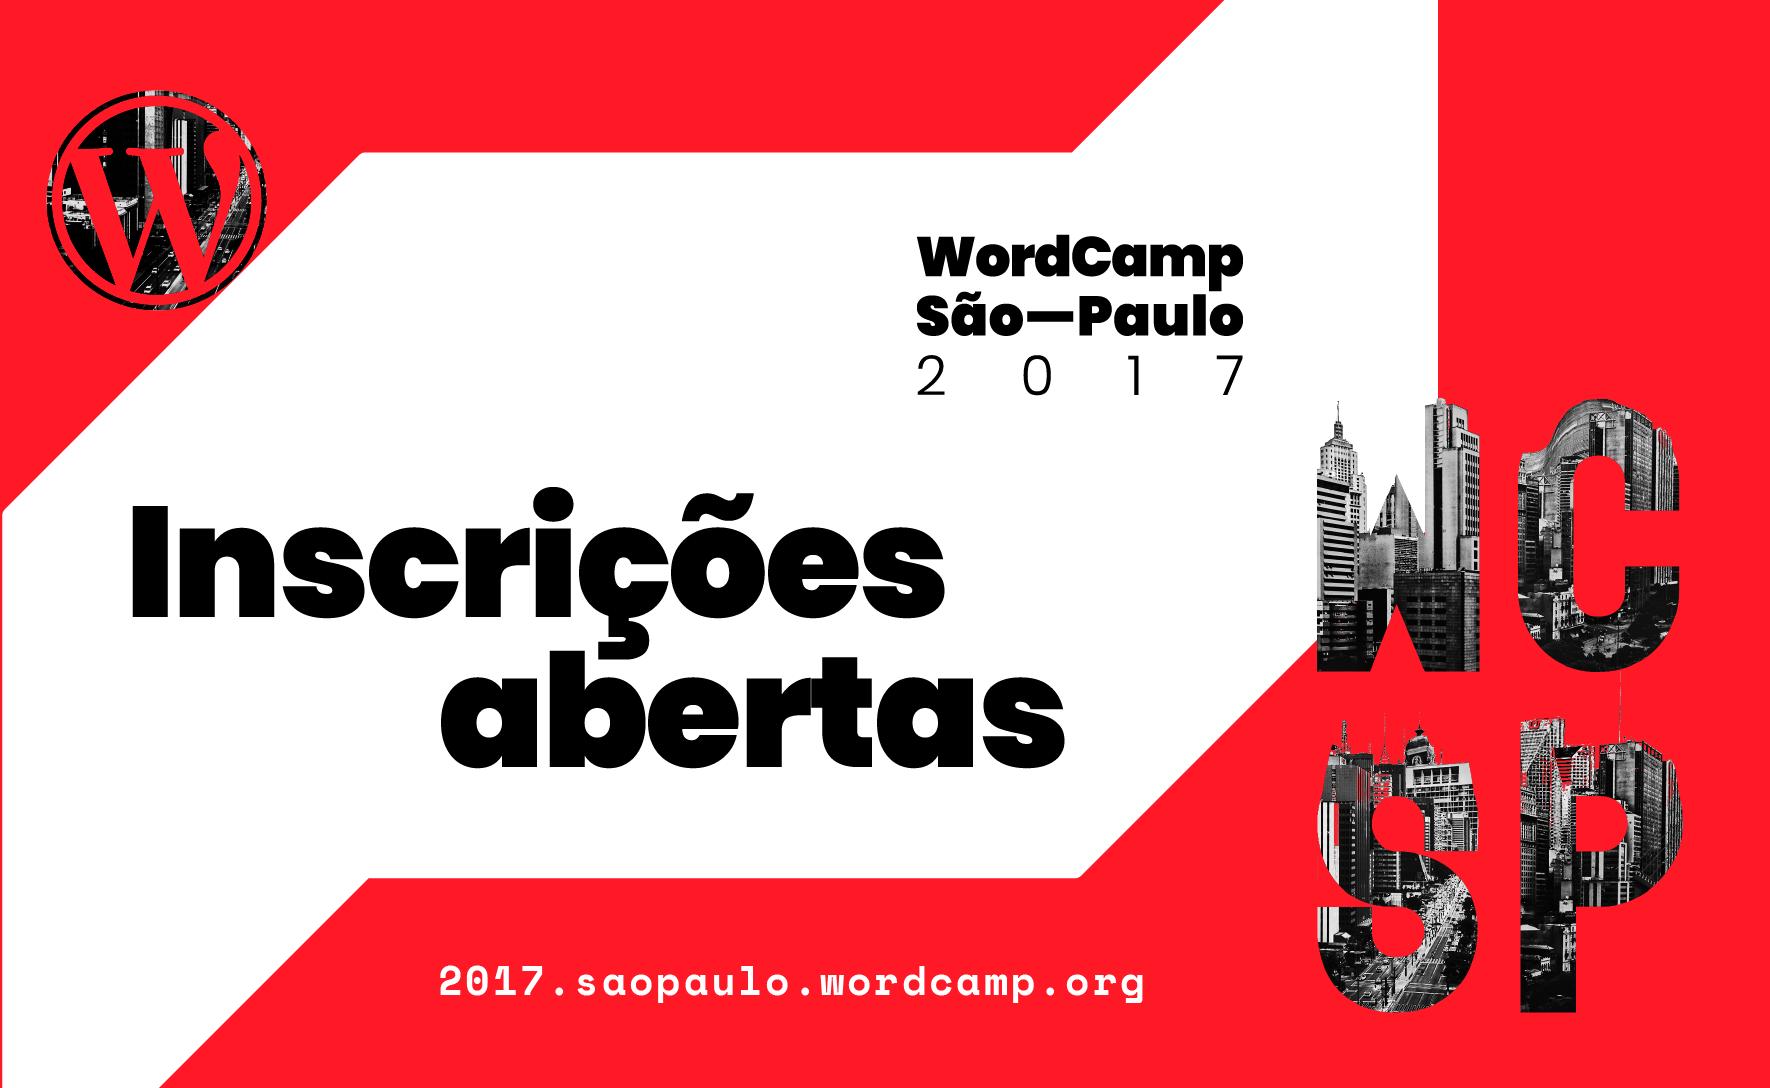 O WordCamp São Paulo ocorrerá dia 2 de Dezembro de 2017